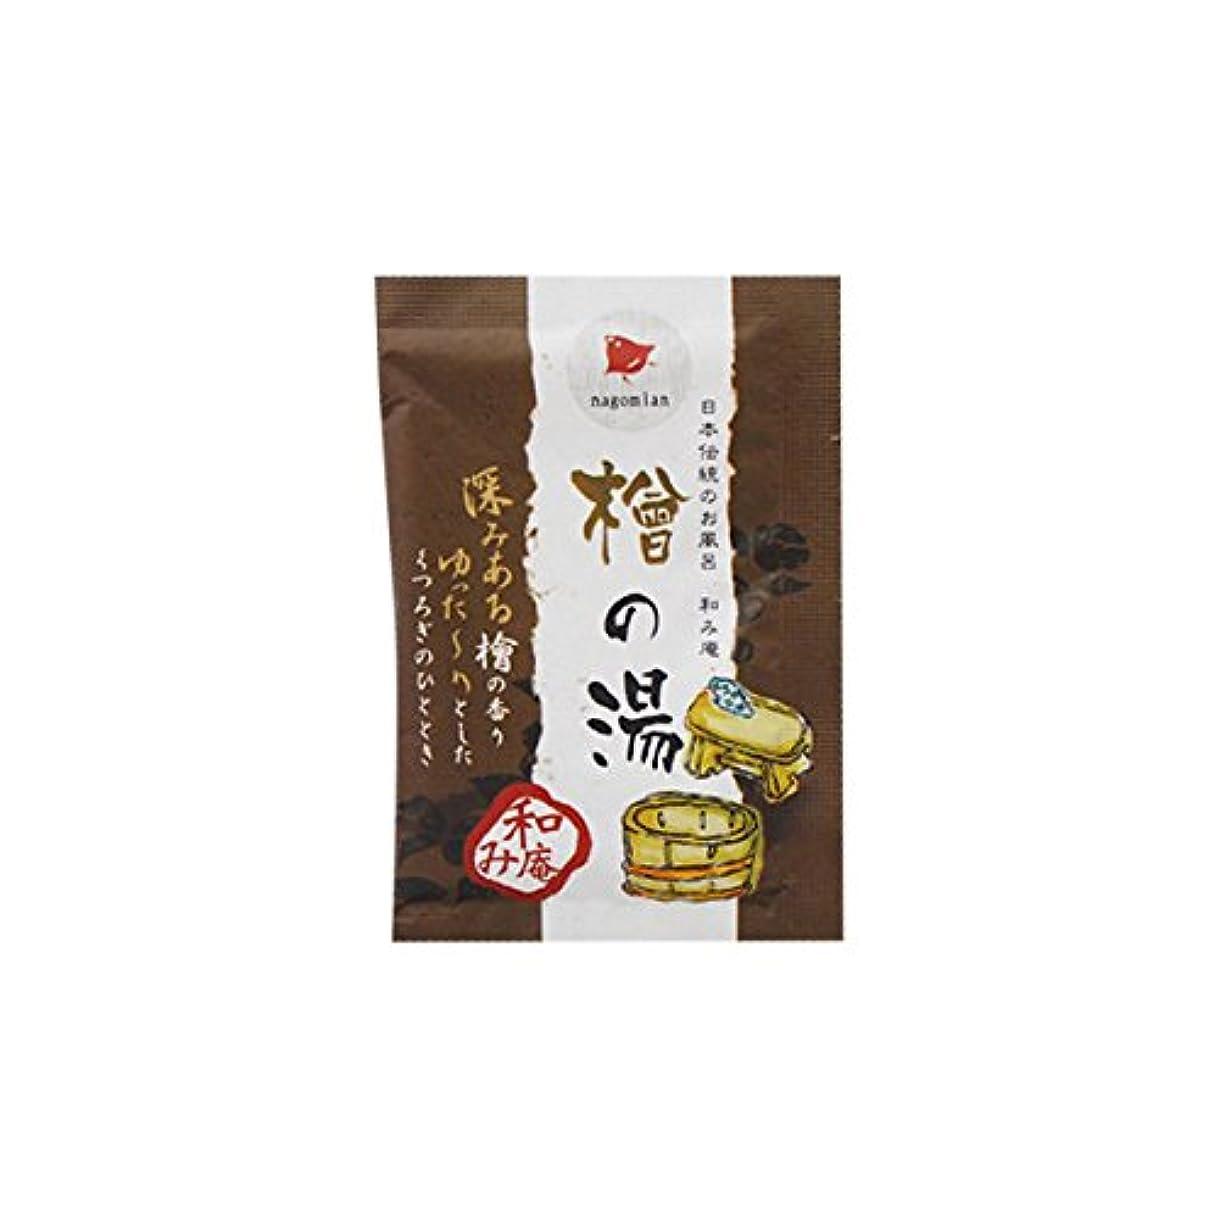 和み庵 入浴剤 「檜の湯」30個